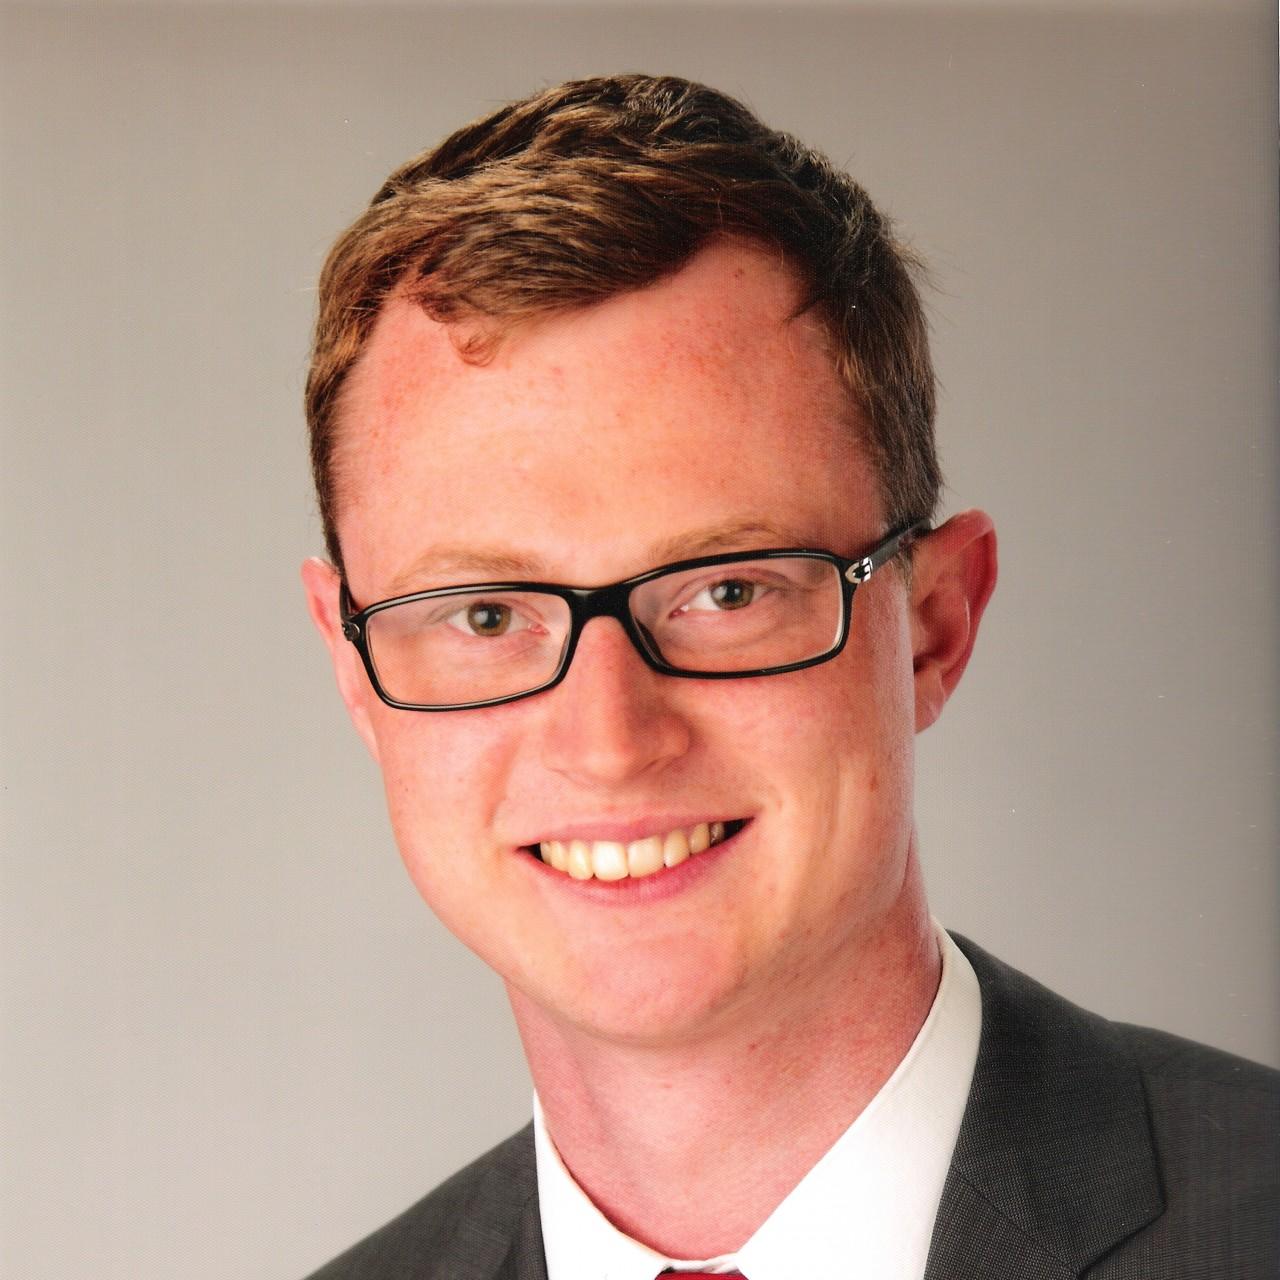 Photo of Wolfram Schmidt